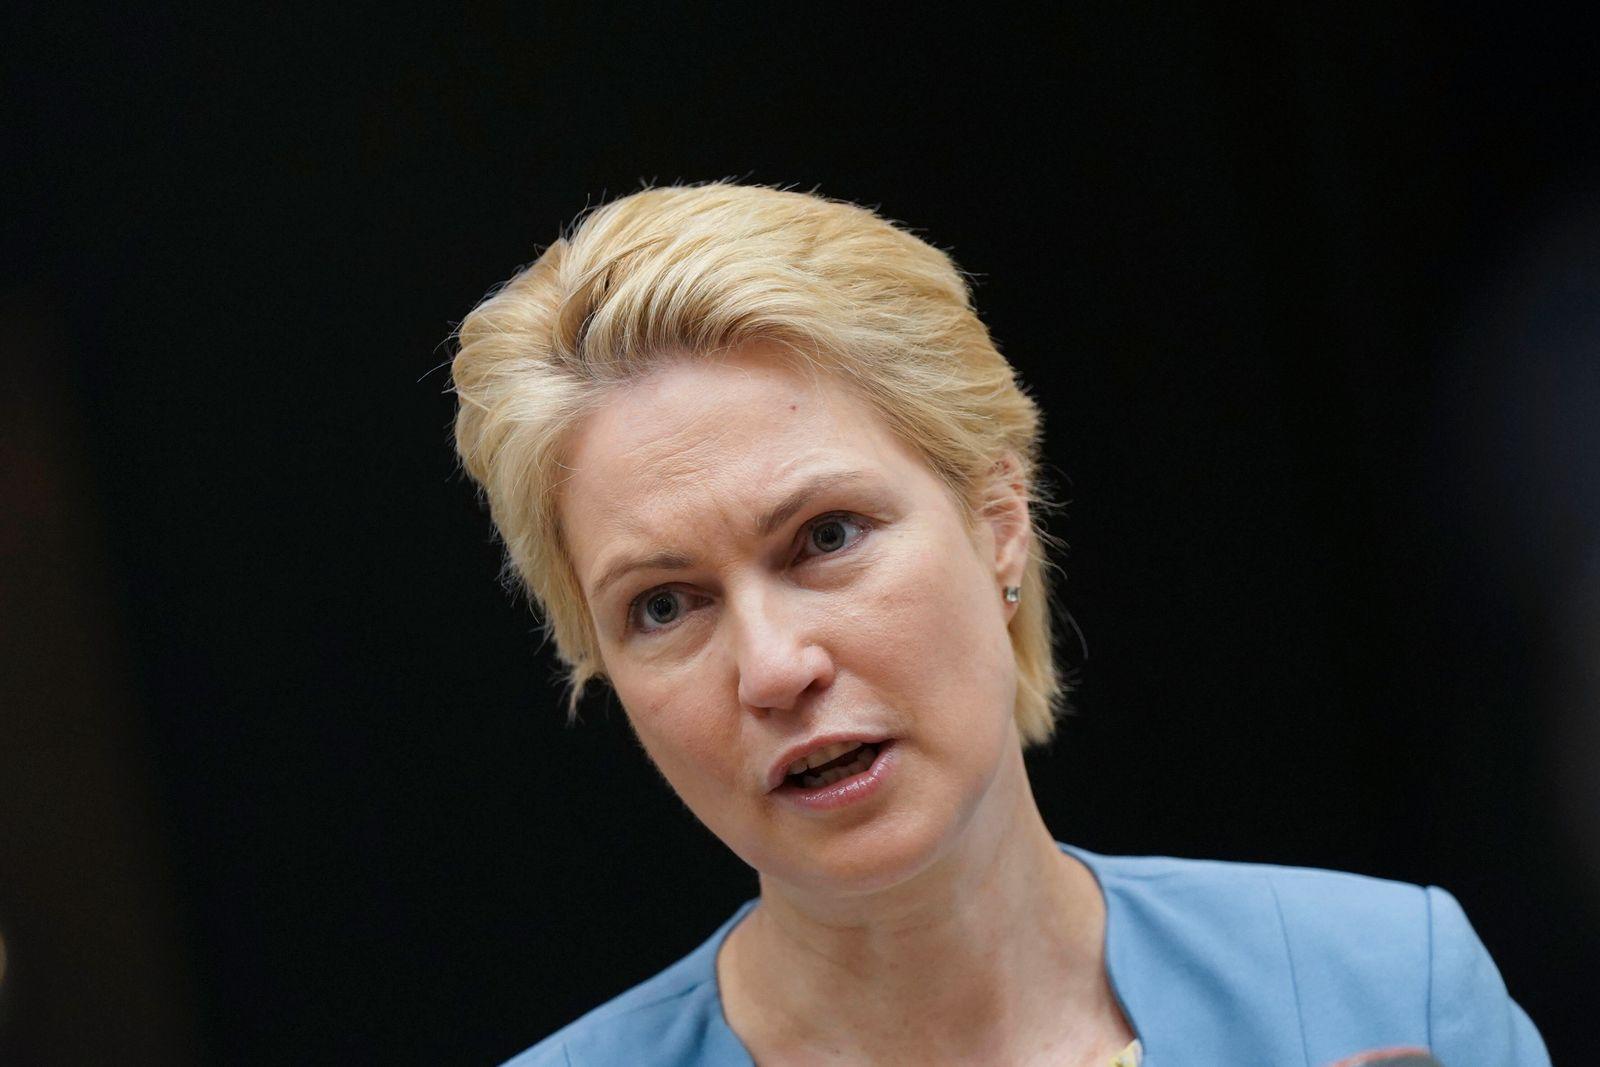 1006. Sitzung des Bundesrat in Berlin Aktuell, 25.06.2021, Berlin, Ministerpraesidentin Manuela Schwesig (SPD) von Meck